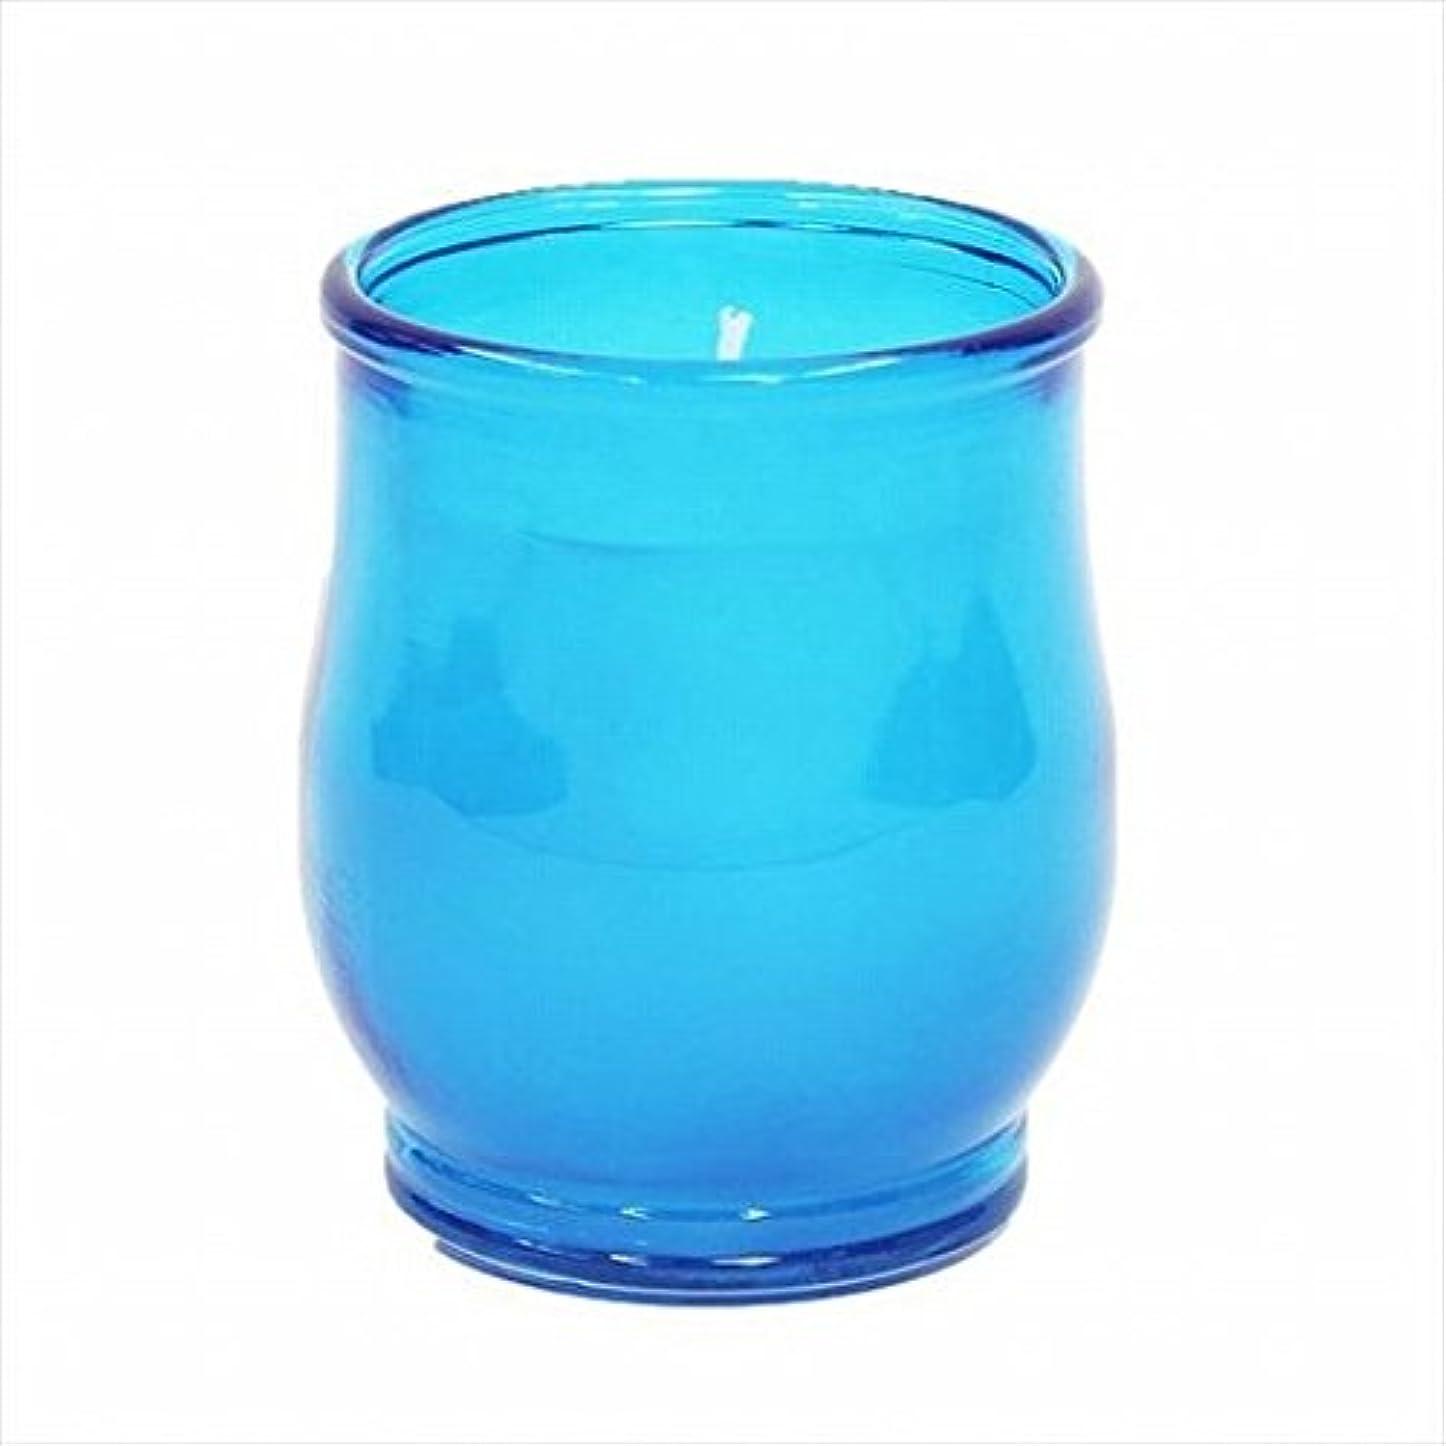 浮浪者甥ライナーkameyama candle(カメヤマキャンドル) ポシェ(非常用コップローソク) 「 ブルー 」 キャンドル 68x68x80mm (73020000BL)